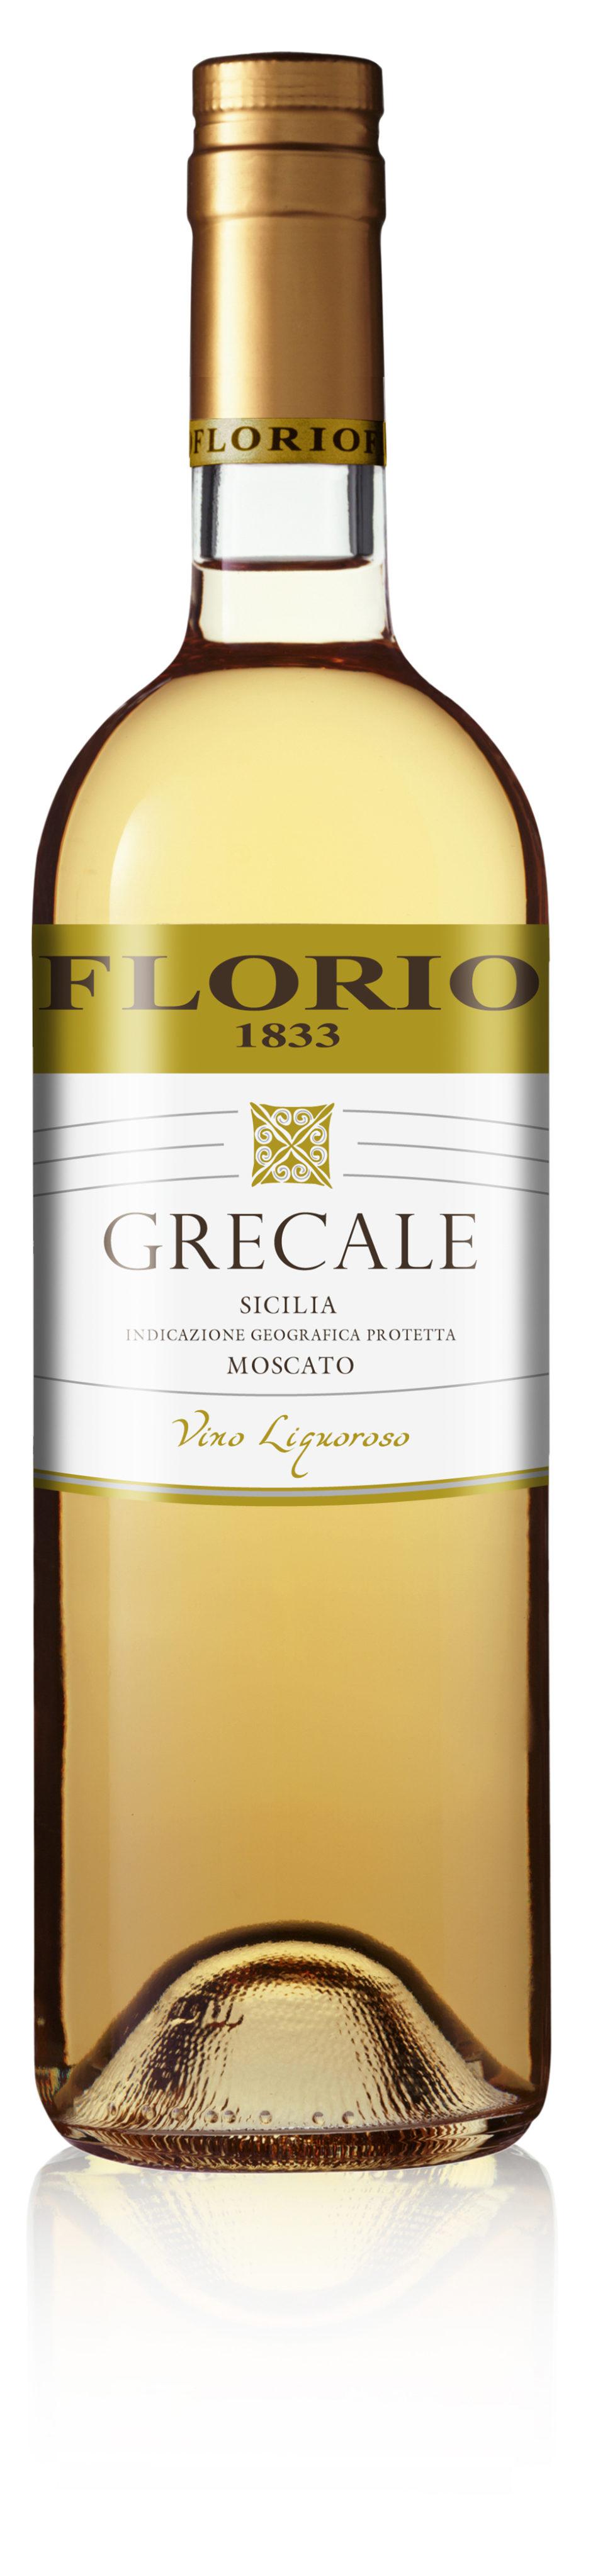 Buona Pasqua con i vini Duca di Salaparuta e Florio!